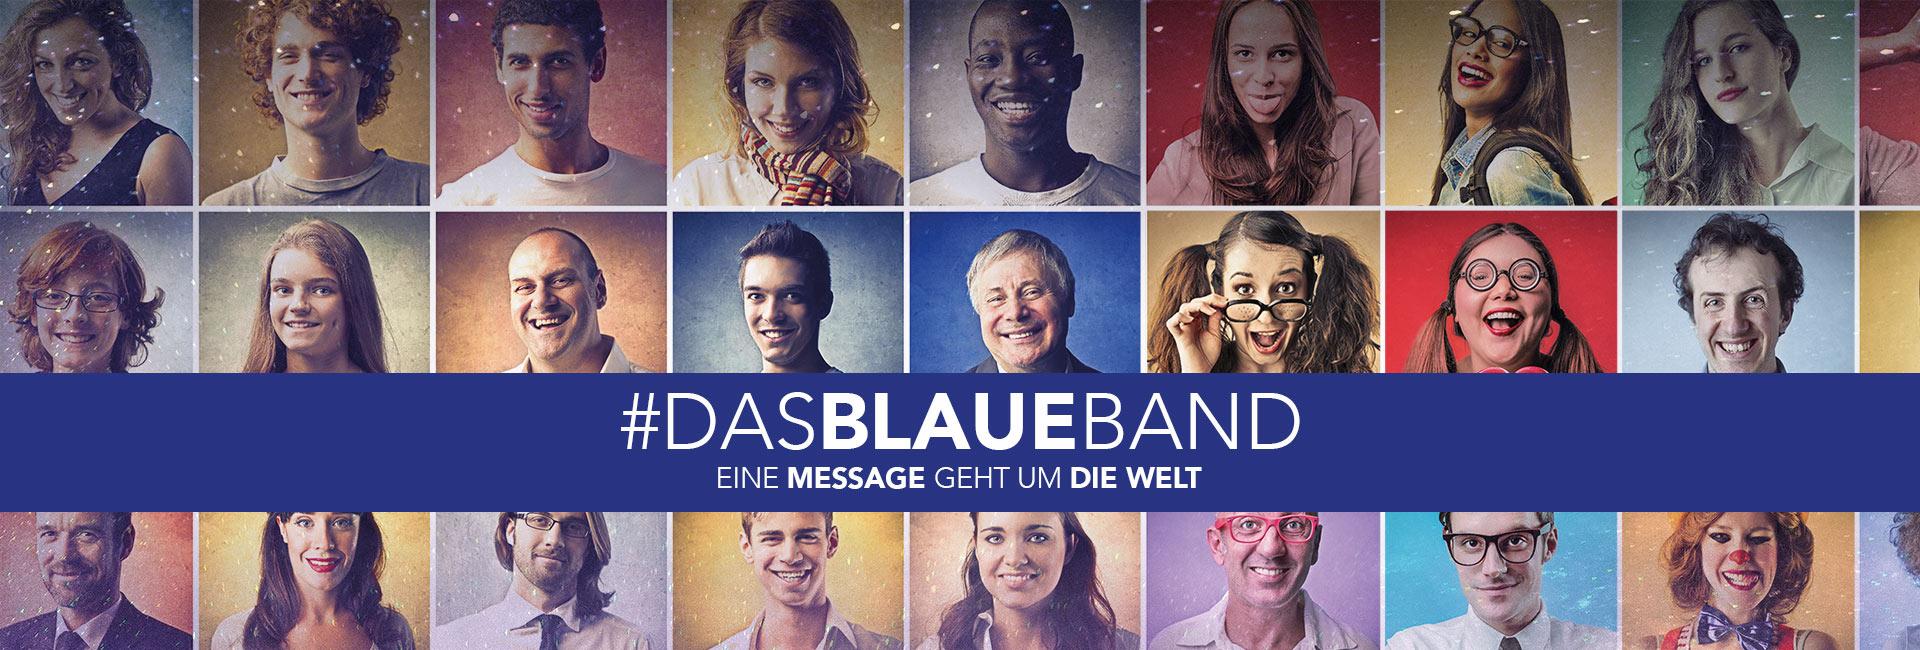 Header_DasblaueBand-Eine-Message-geht-um-die-Welt_Damian-Richter